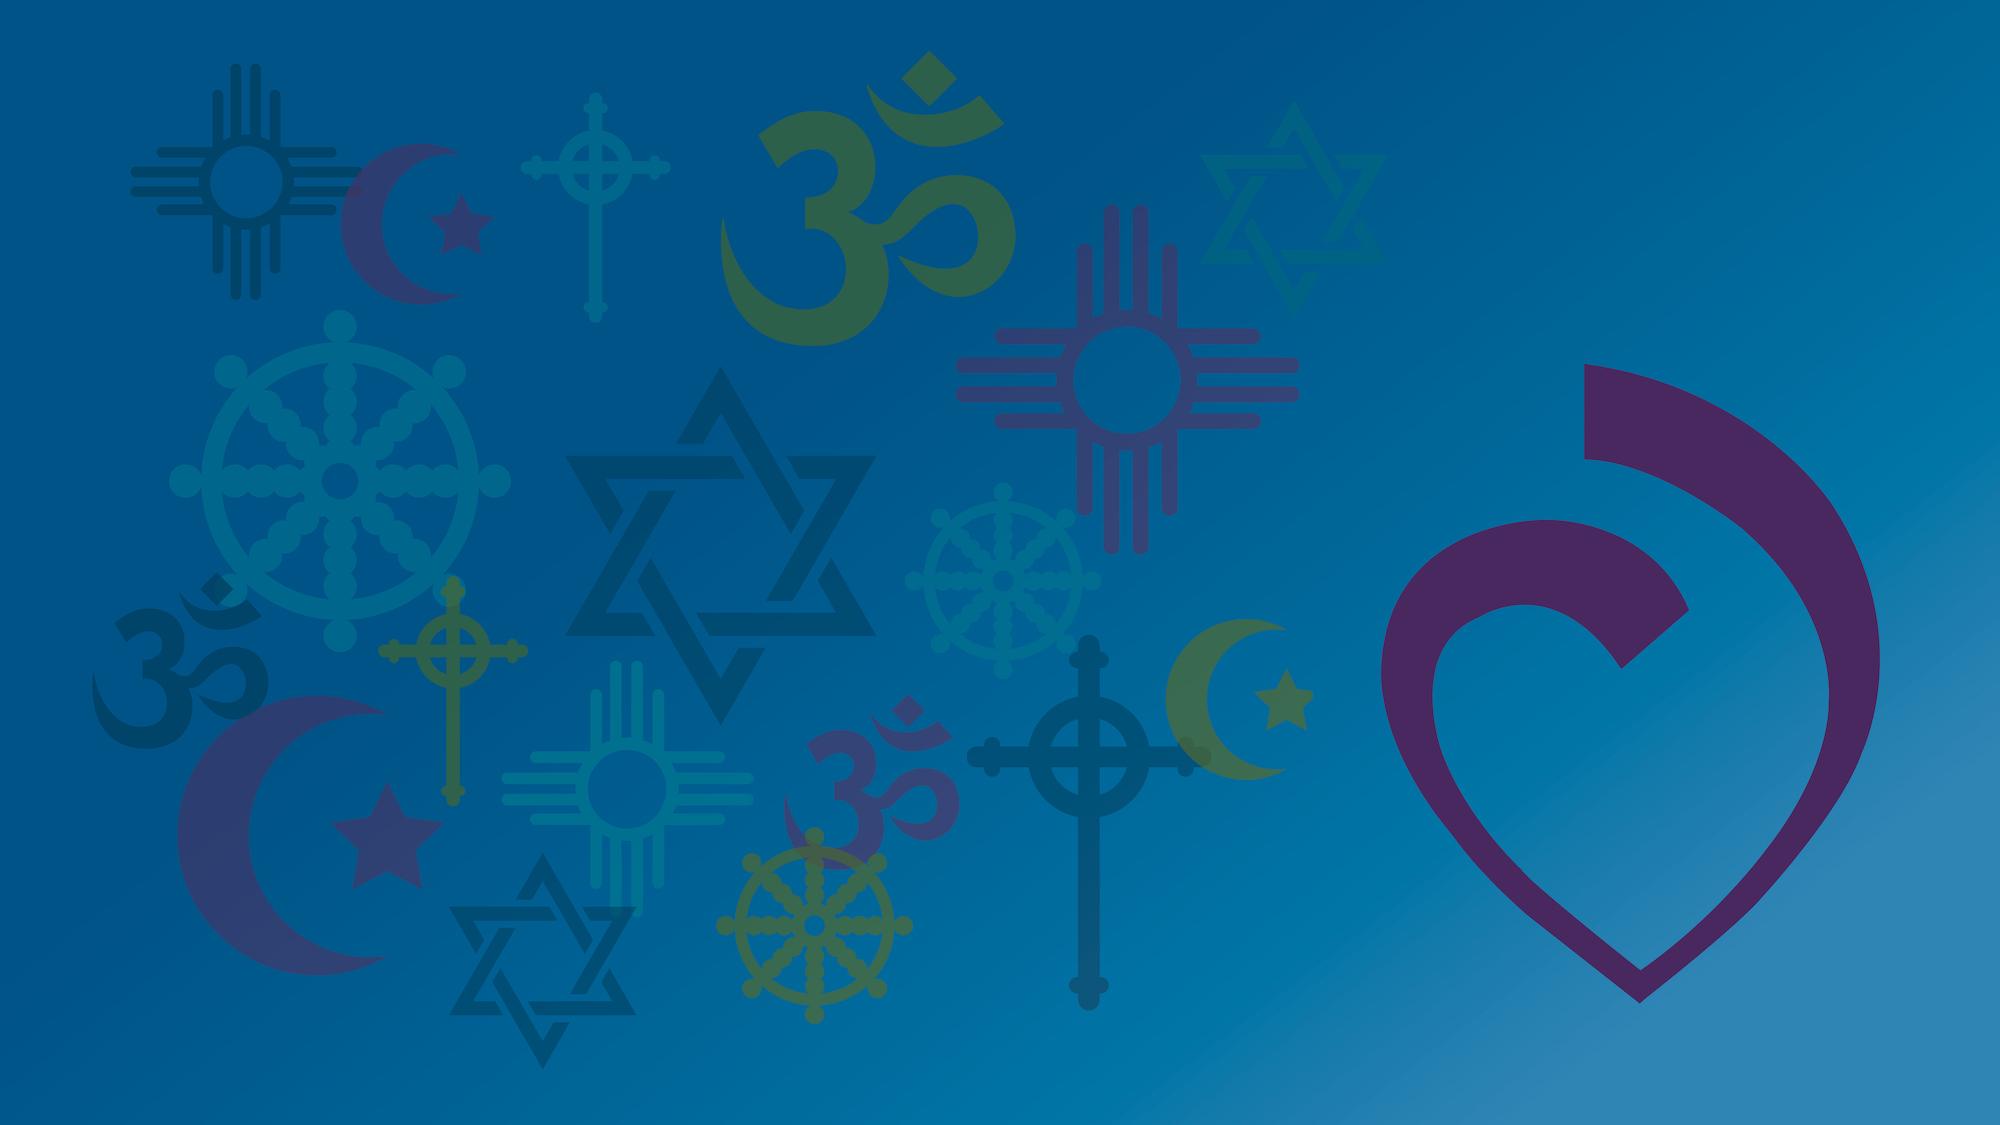 All Faith Service banner